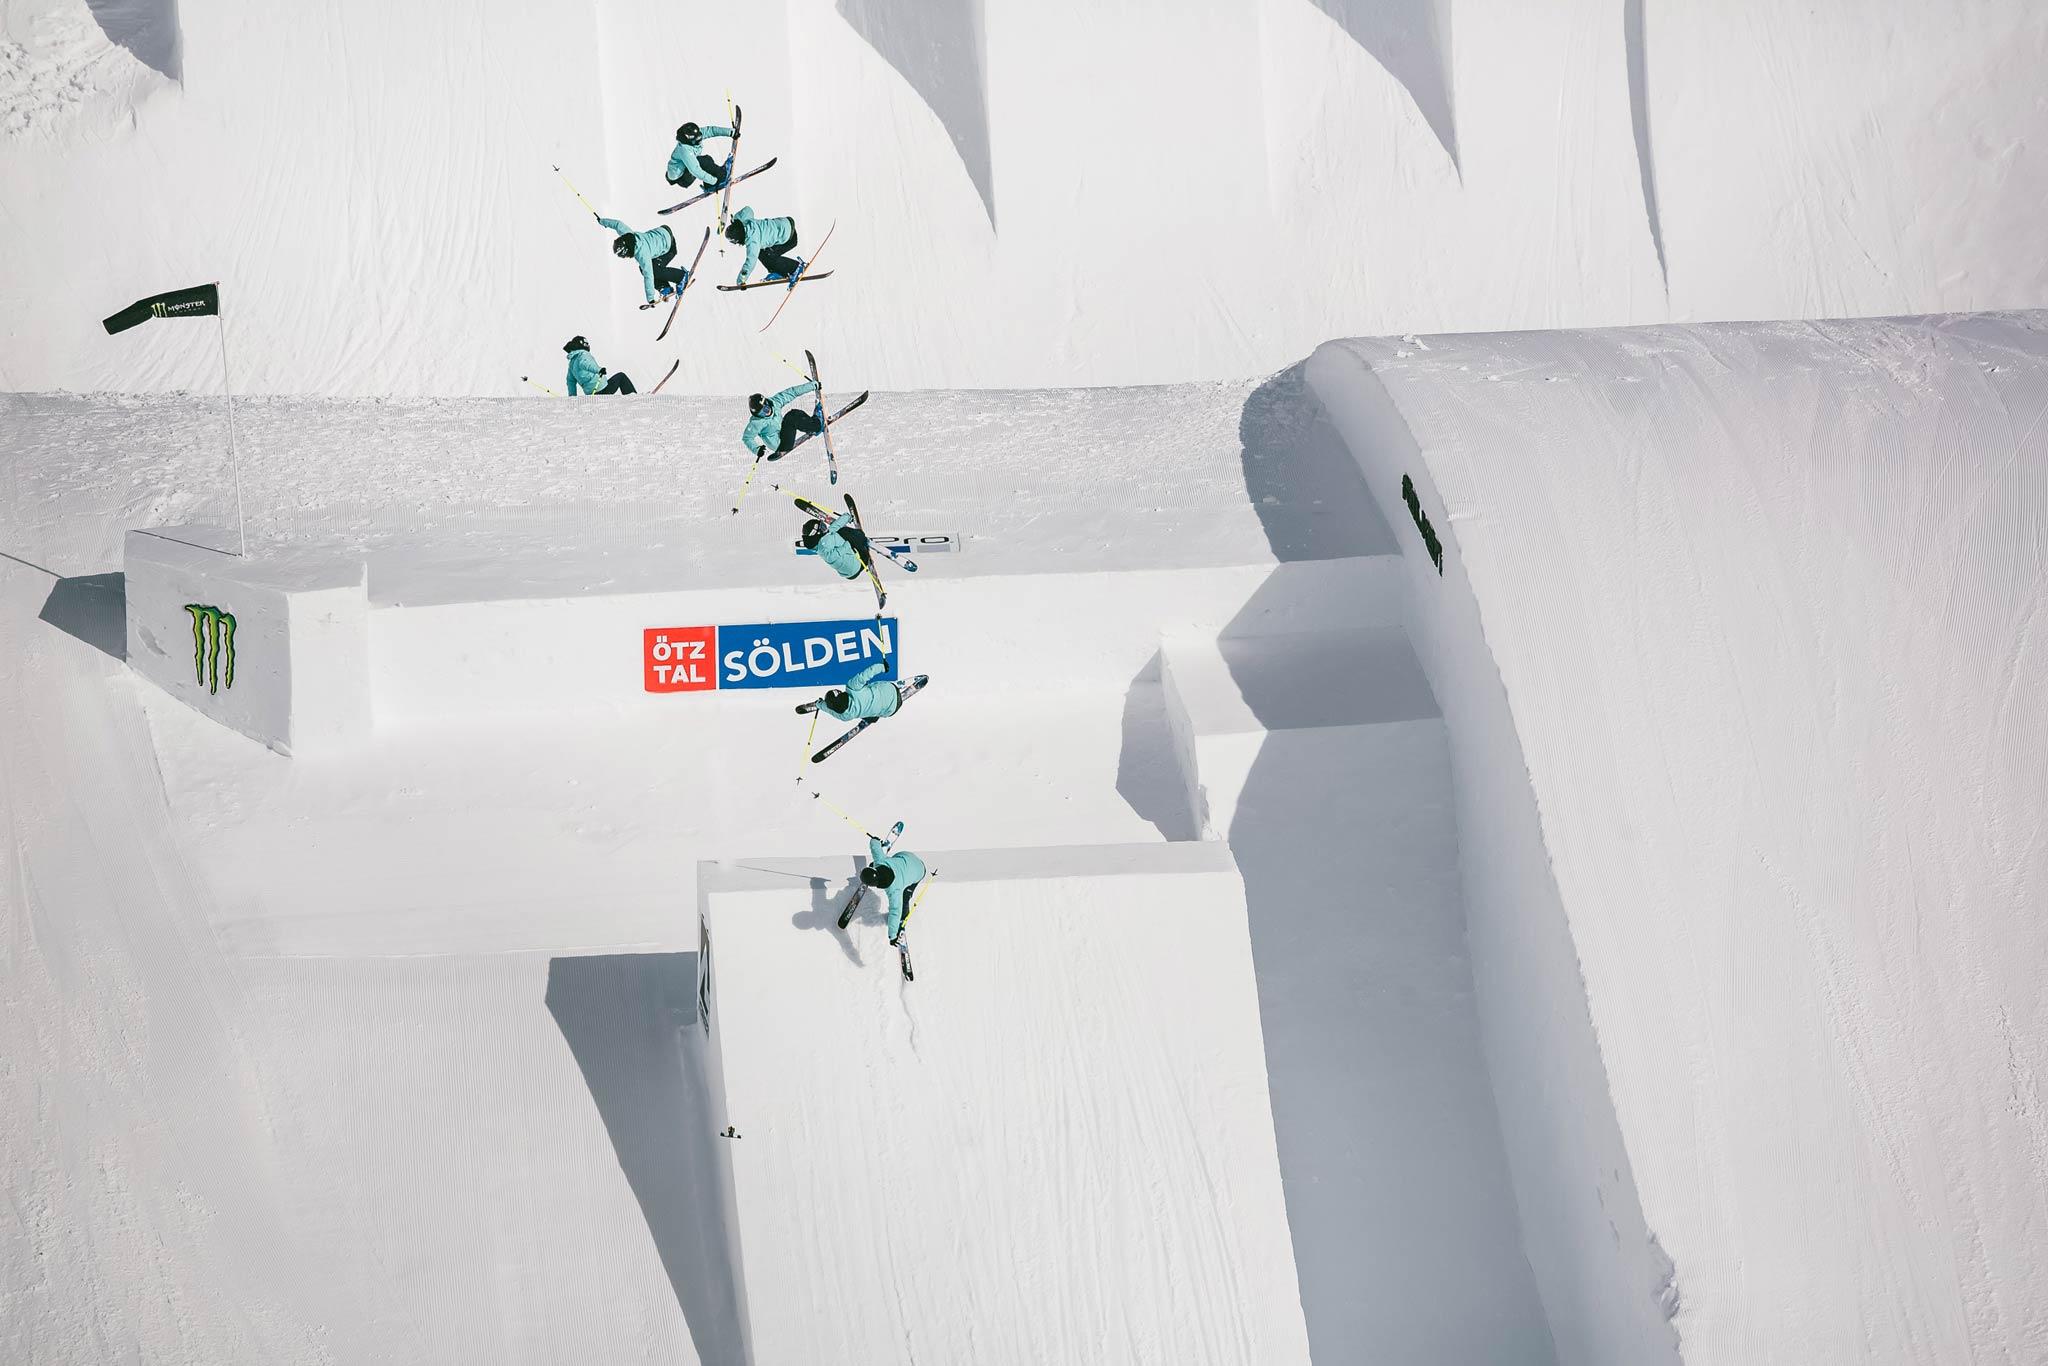 Das erste Nine Queens Event fand im Jahr 2011 statt, mittlerweile sind alle Fahrer, egal ob auf Ski oder Snowboard, Mann oder Frau, bei den Audi Nines mit dabei - Rider: Sarah Hoefflin - Foto: Distillery / David Malacrida